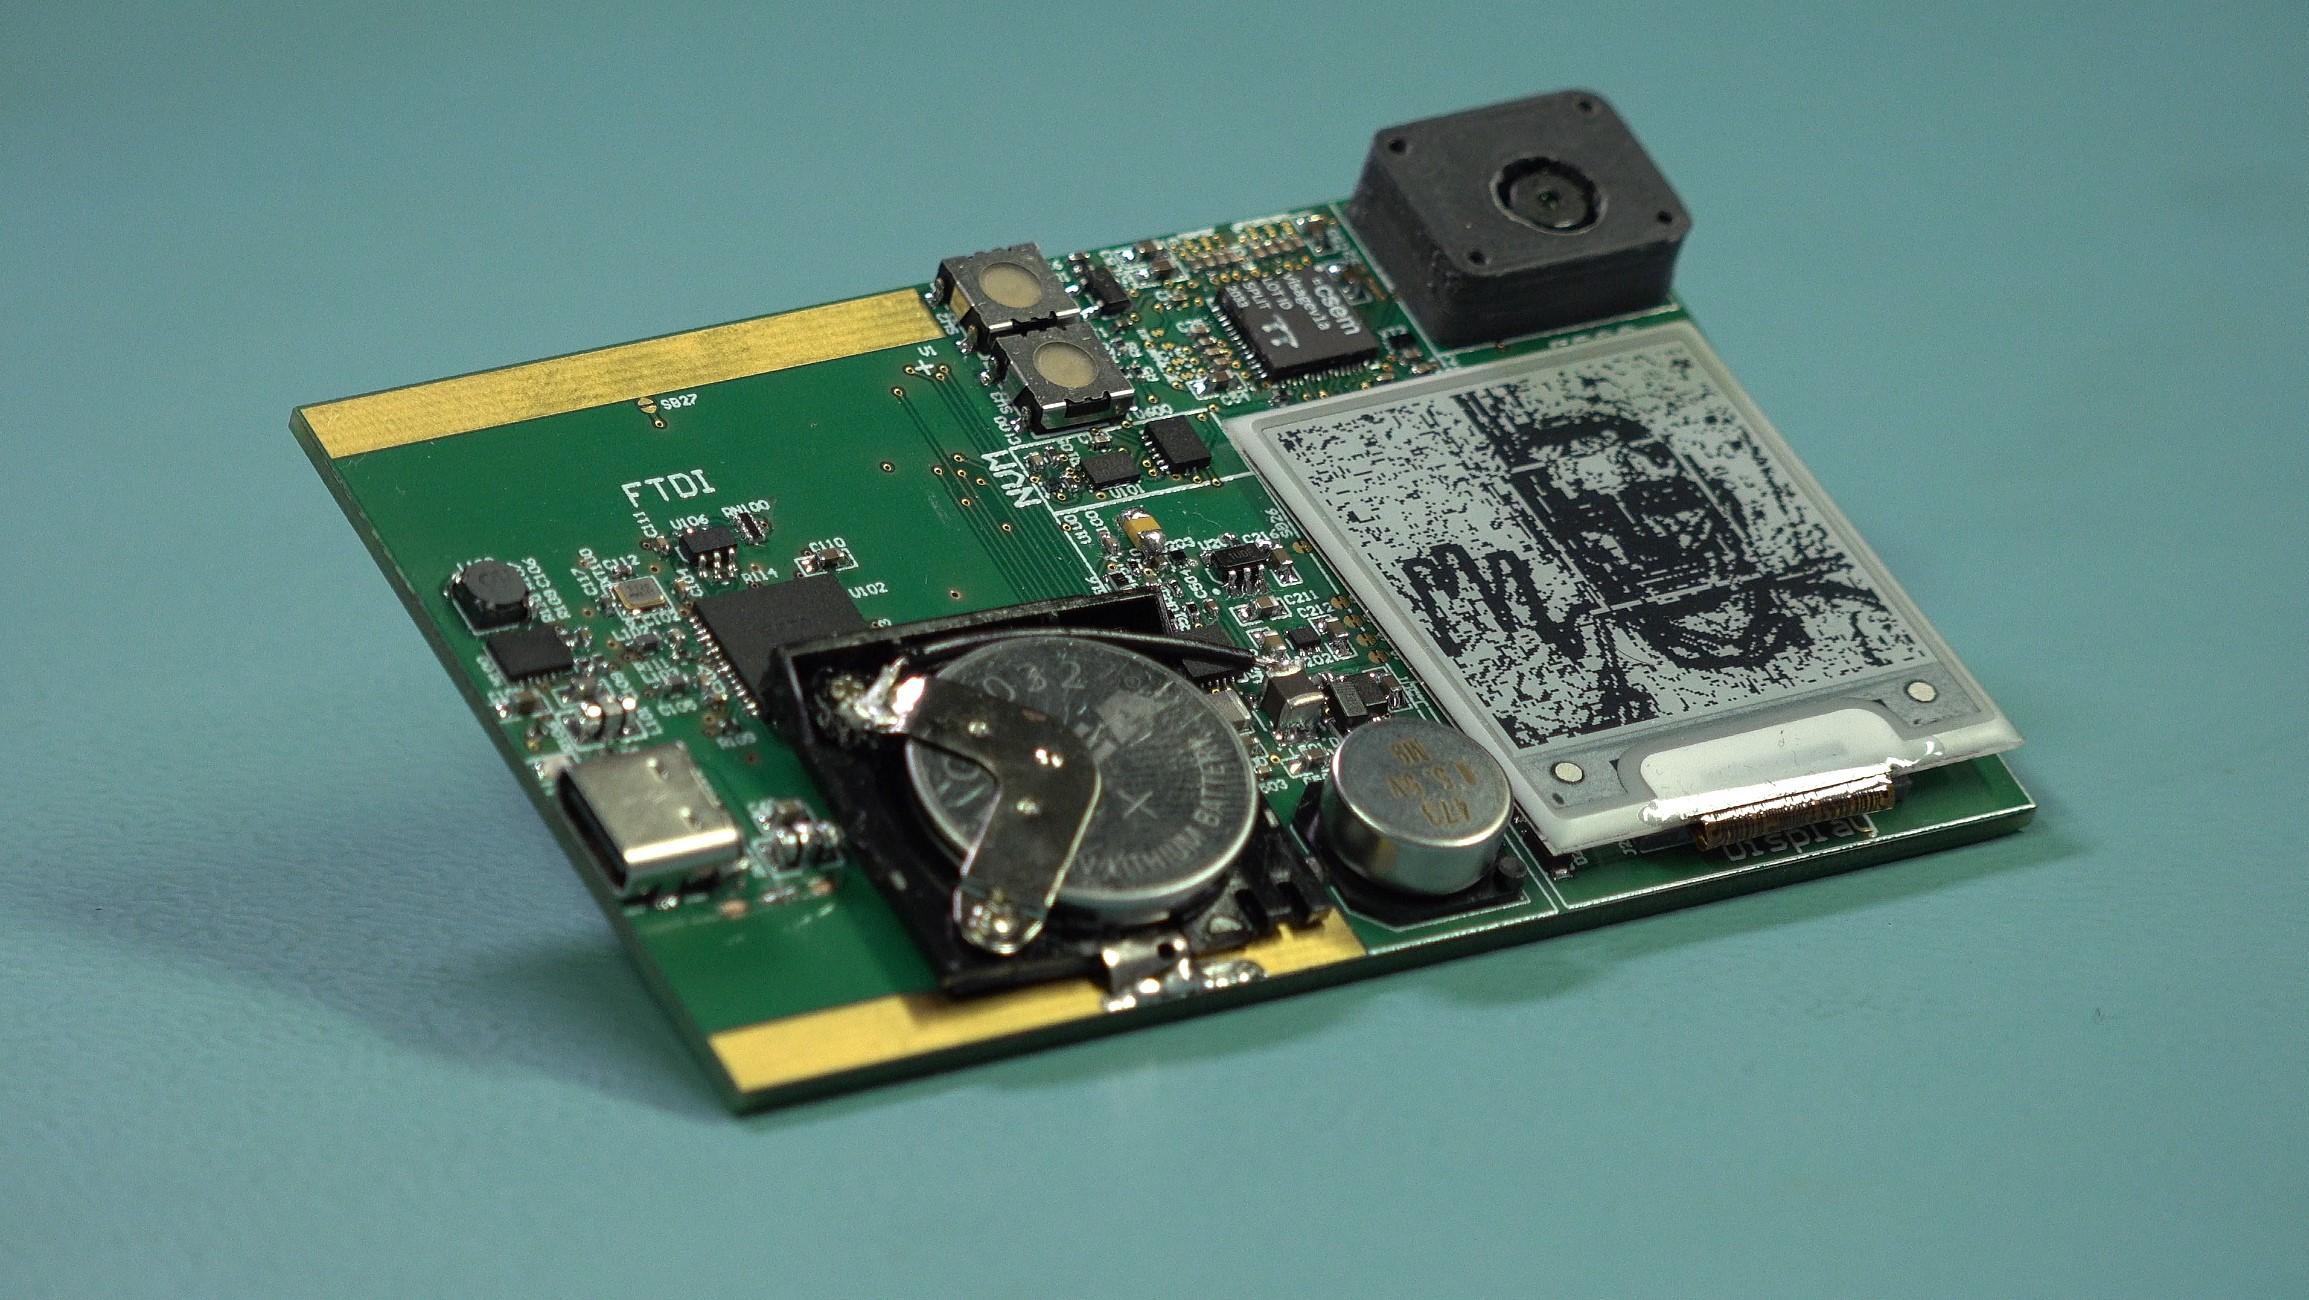 Пример микросхемы, работающей на батарейке. Источник: csem.ch